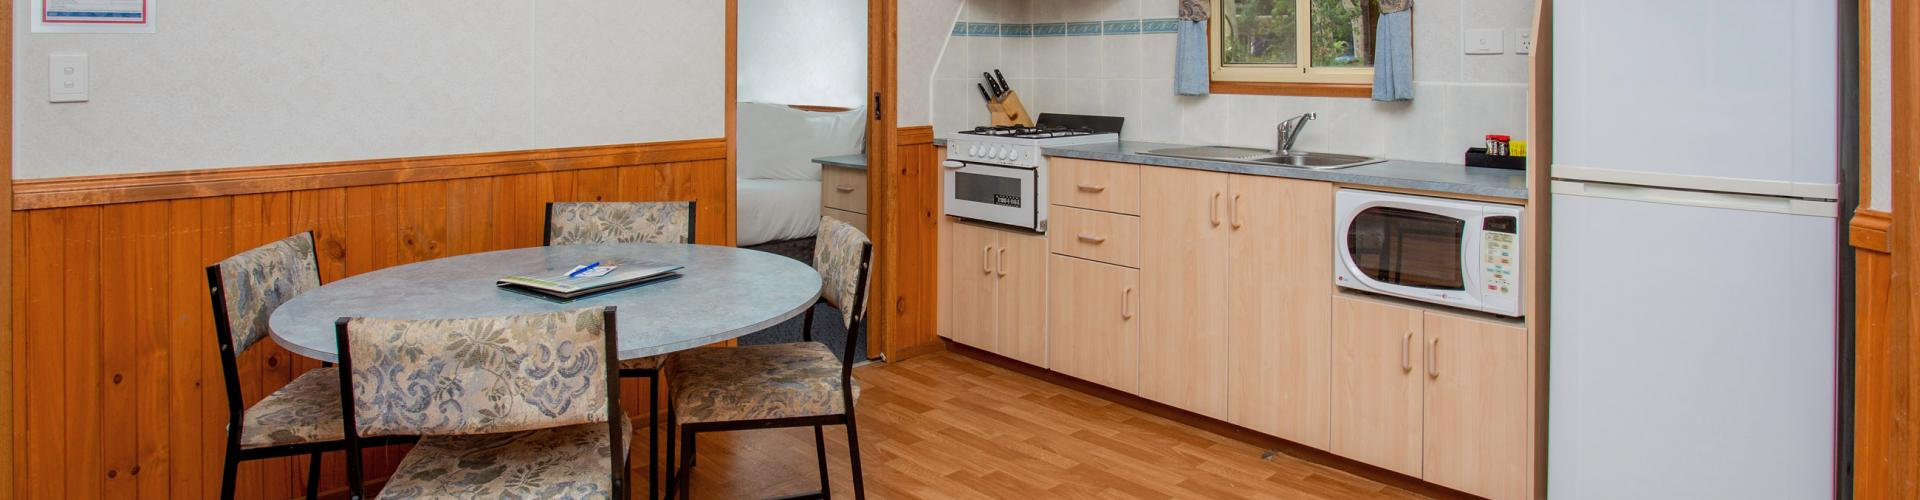 BIG4 Yarra Valley Park Lane Holiday Park - Parkside Cabin - 2 Bedroom - Dining and Kitchen